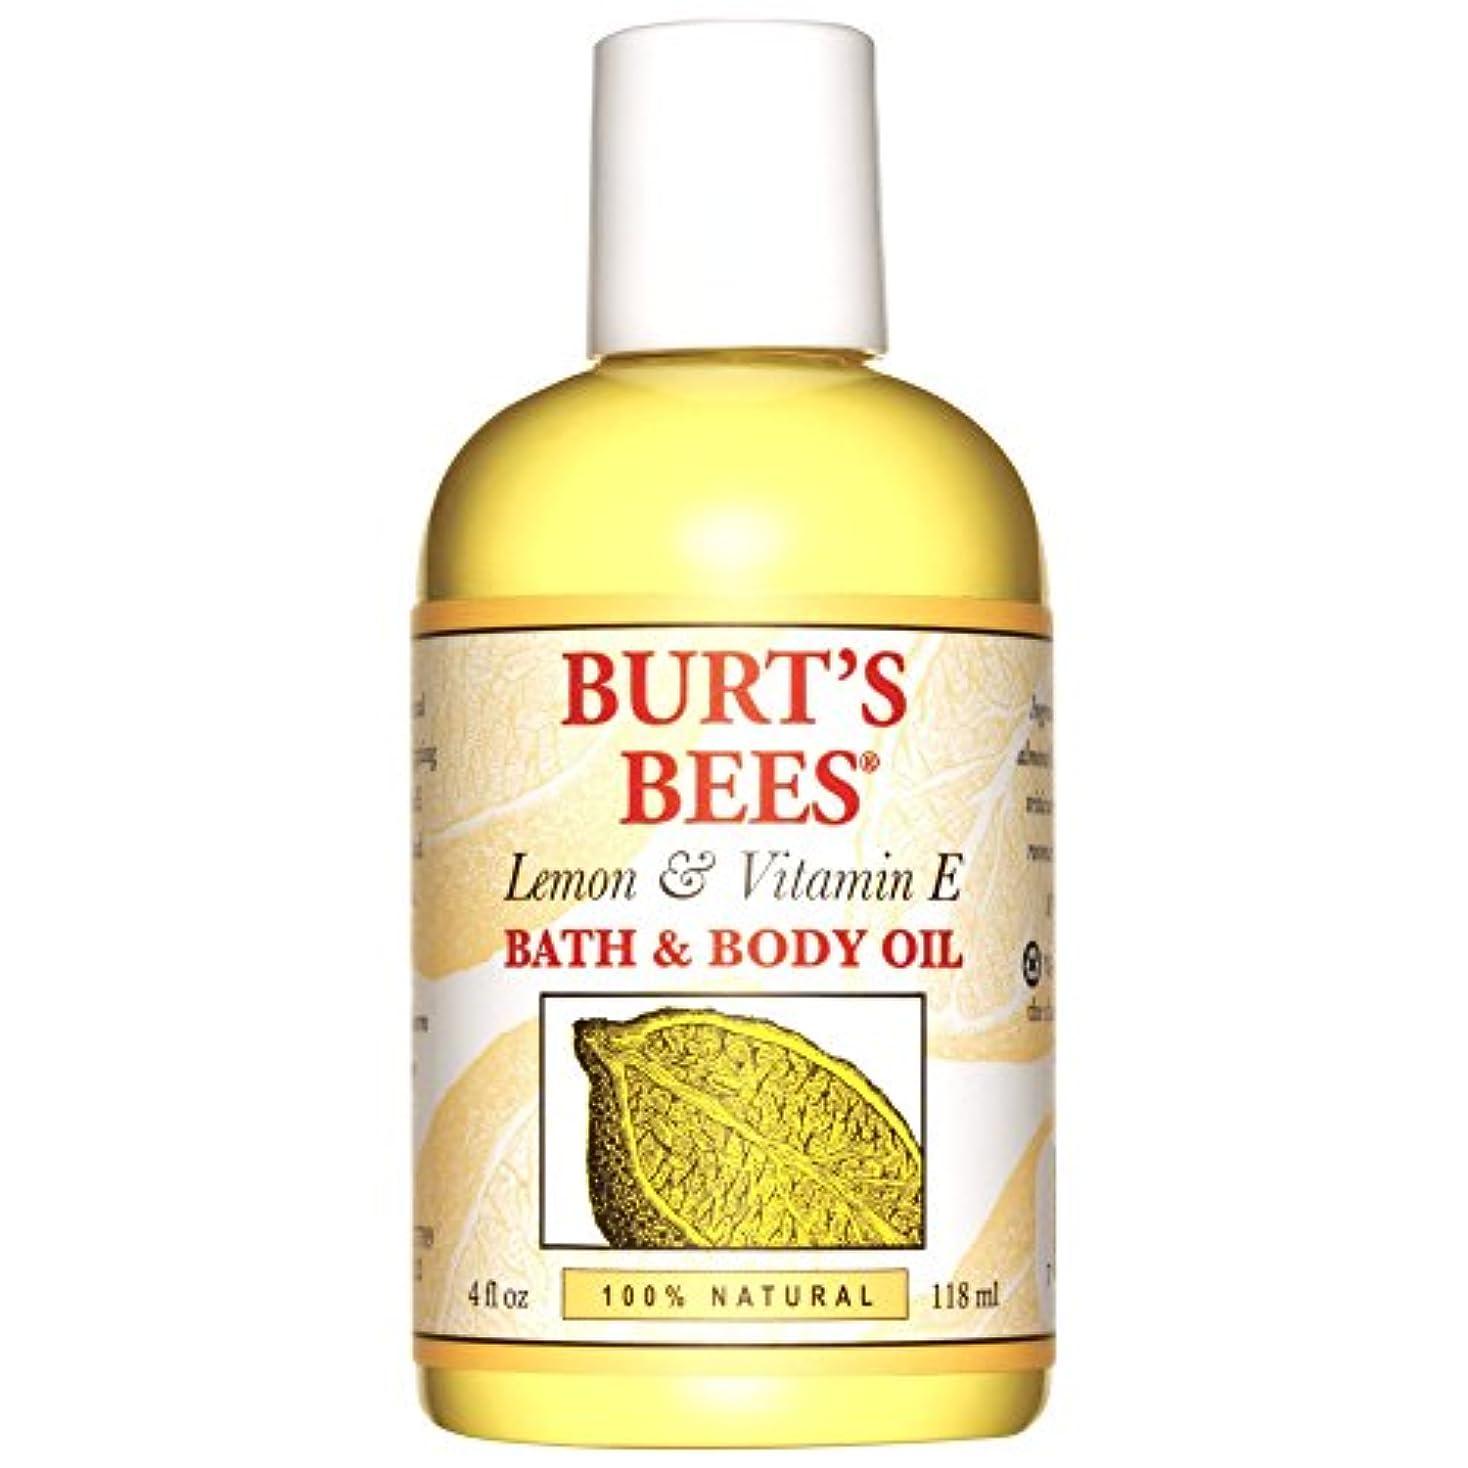 ジョージハンブリー苦しみピンチバーツビーレモンとビタミンEバス、ボディオイル118ミリリットル (Burt's Bees) - Burt's Bees Lemon and Vitamin E Bath and Body Oil 118ml [並行輸入品]